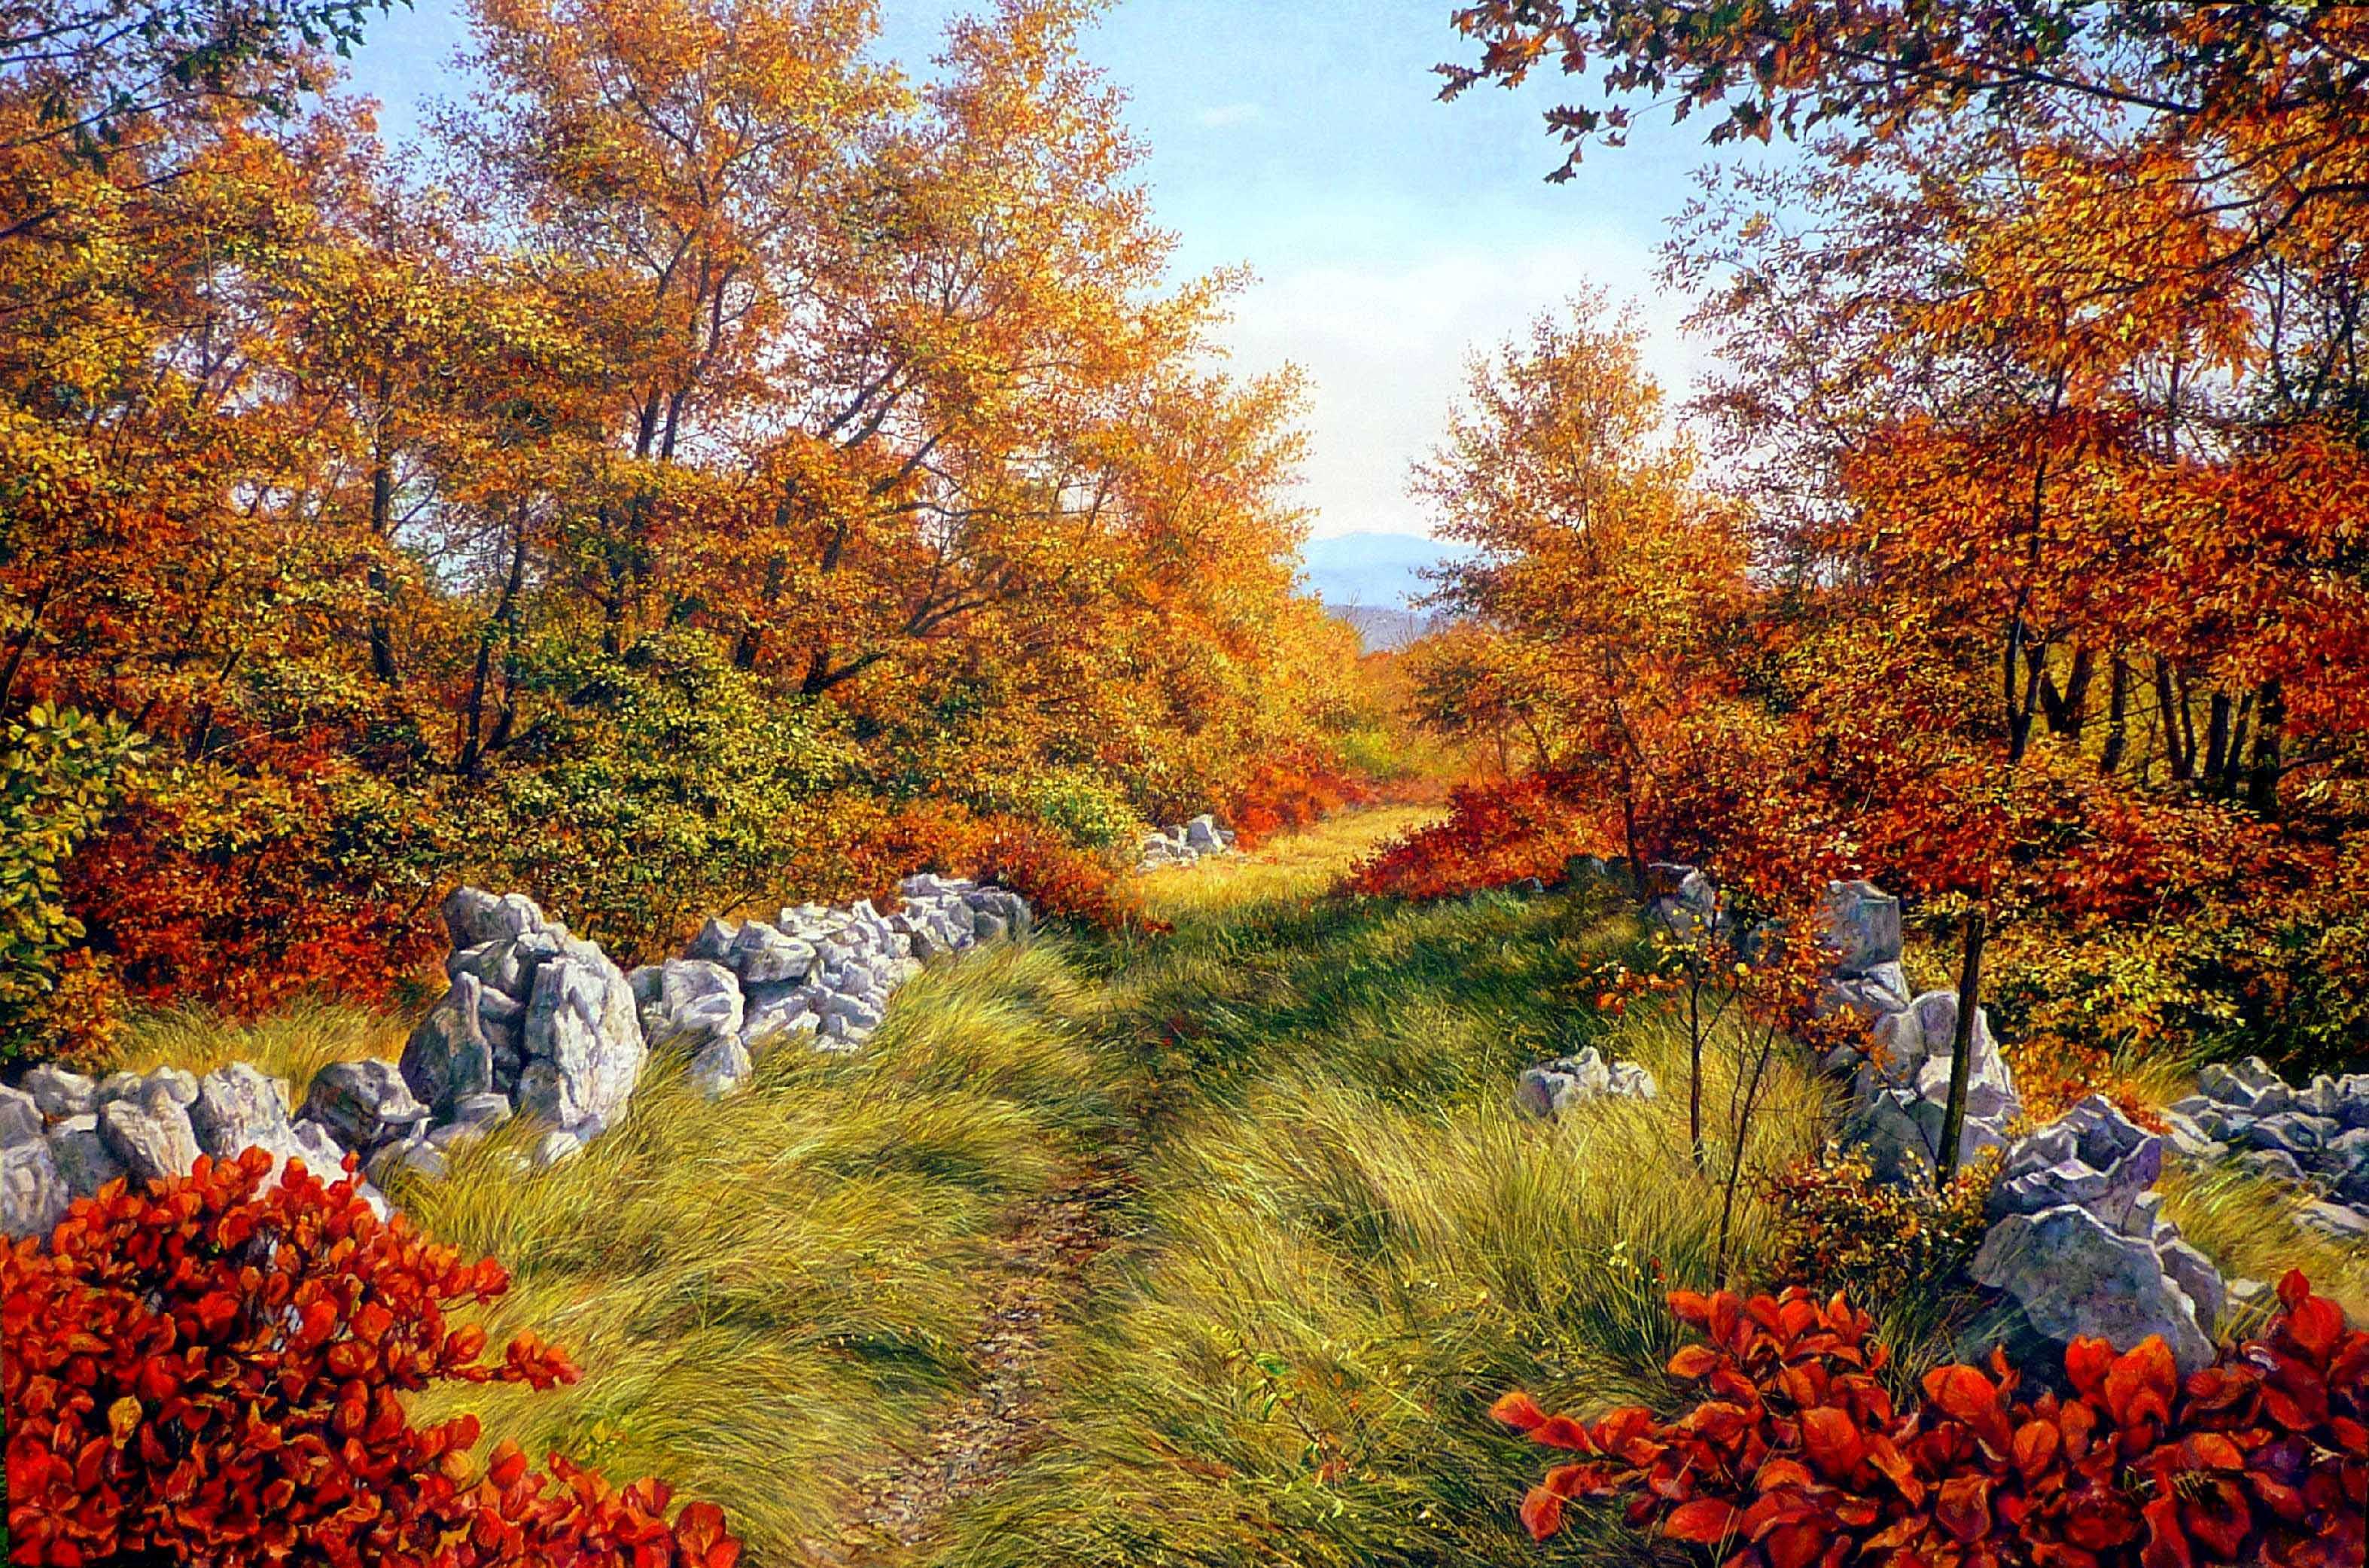 Livio Mozina - Sentiero in autunno